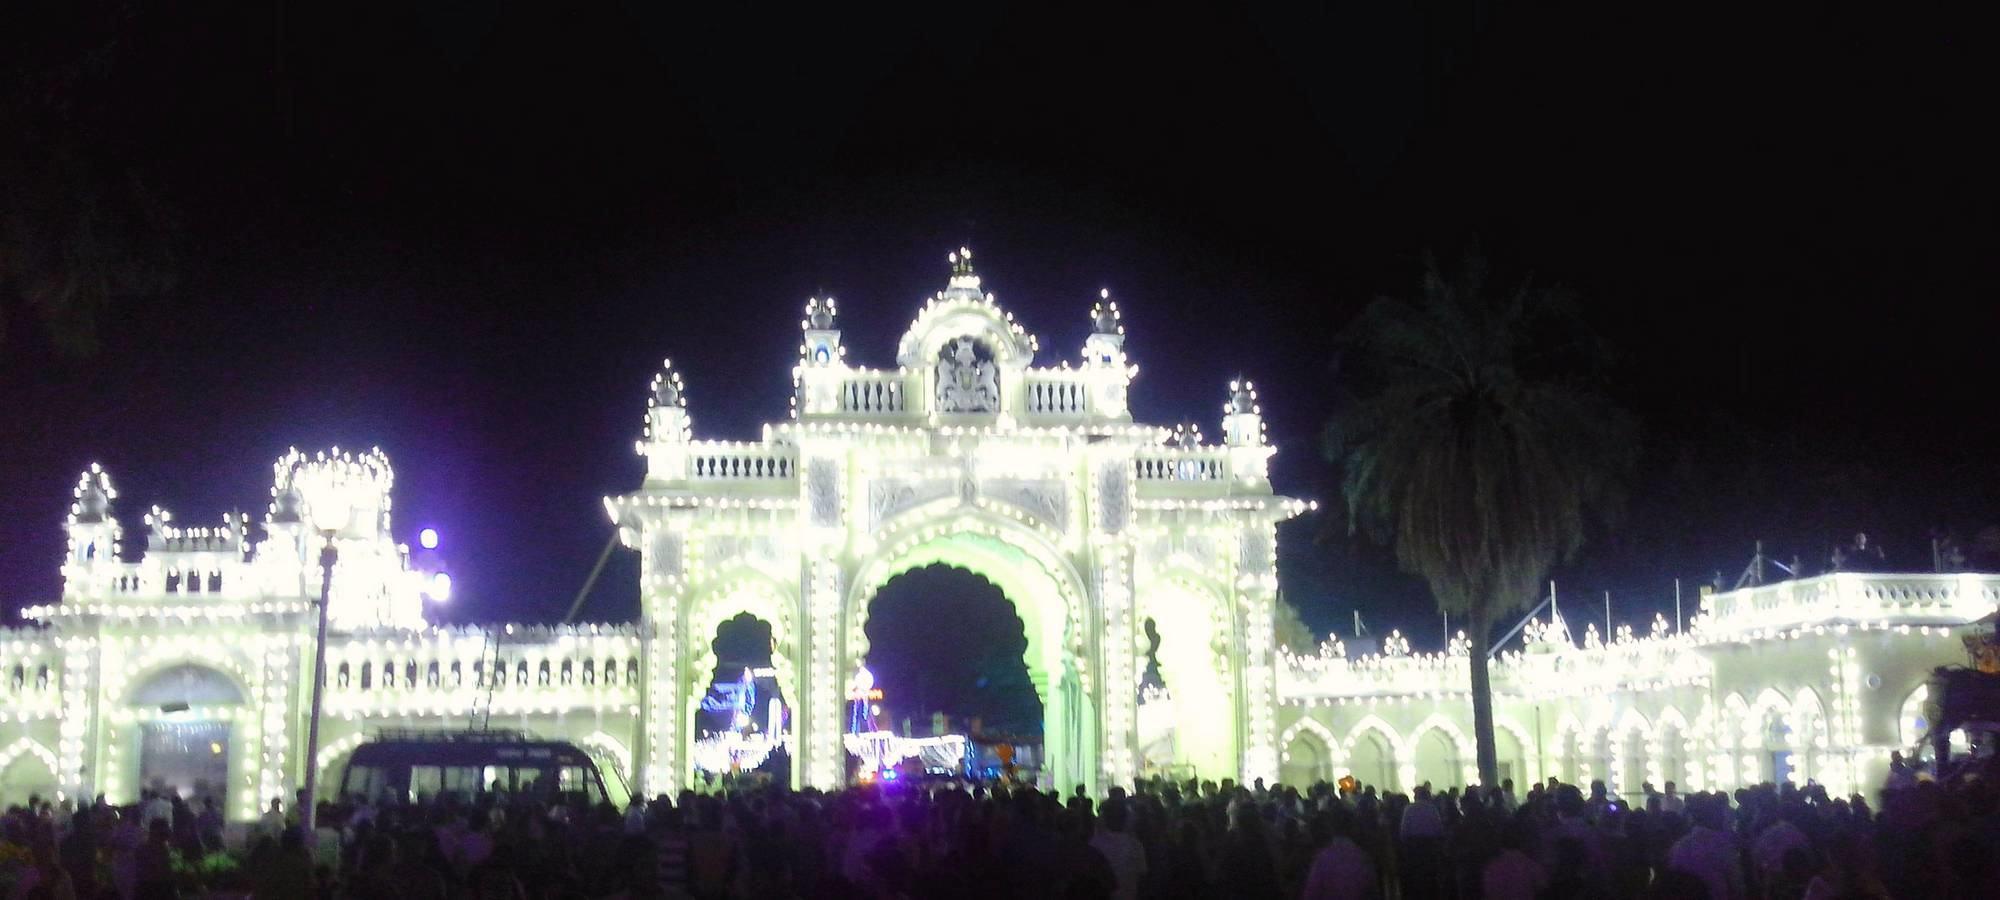 *** Поездка Йога-тур в Индию: штат Карнатака, Гокарна и Майсур. ***